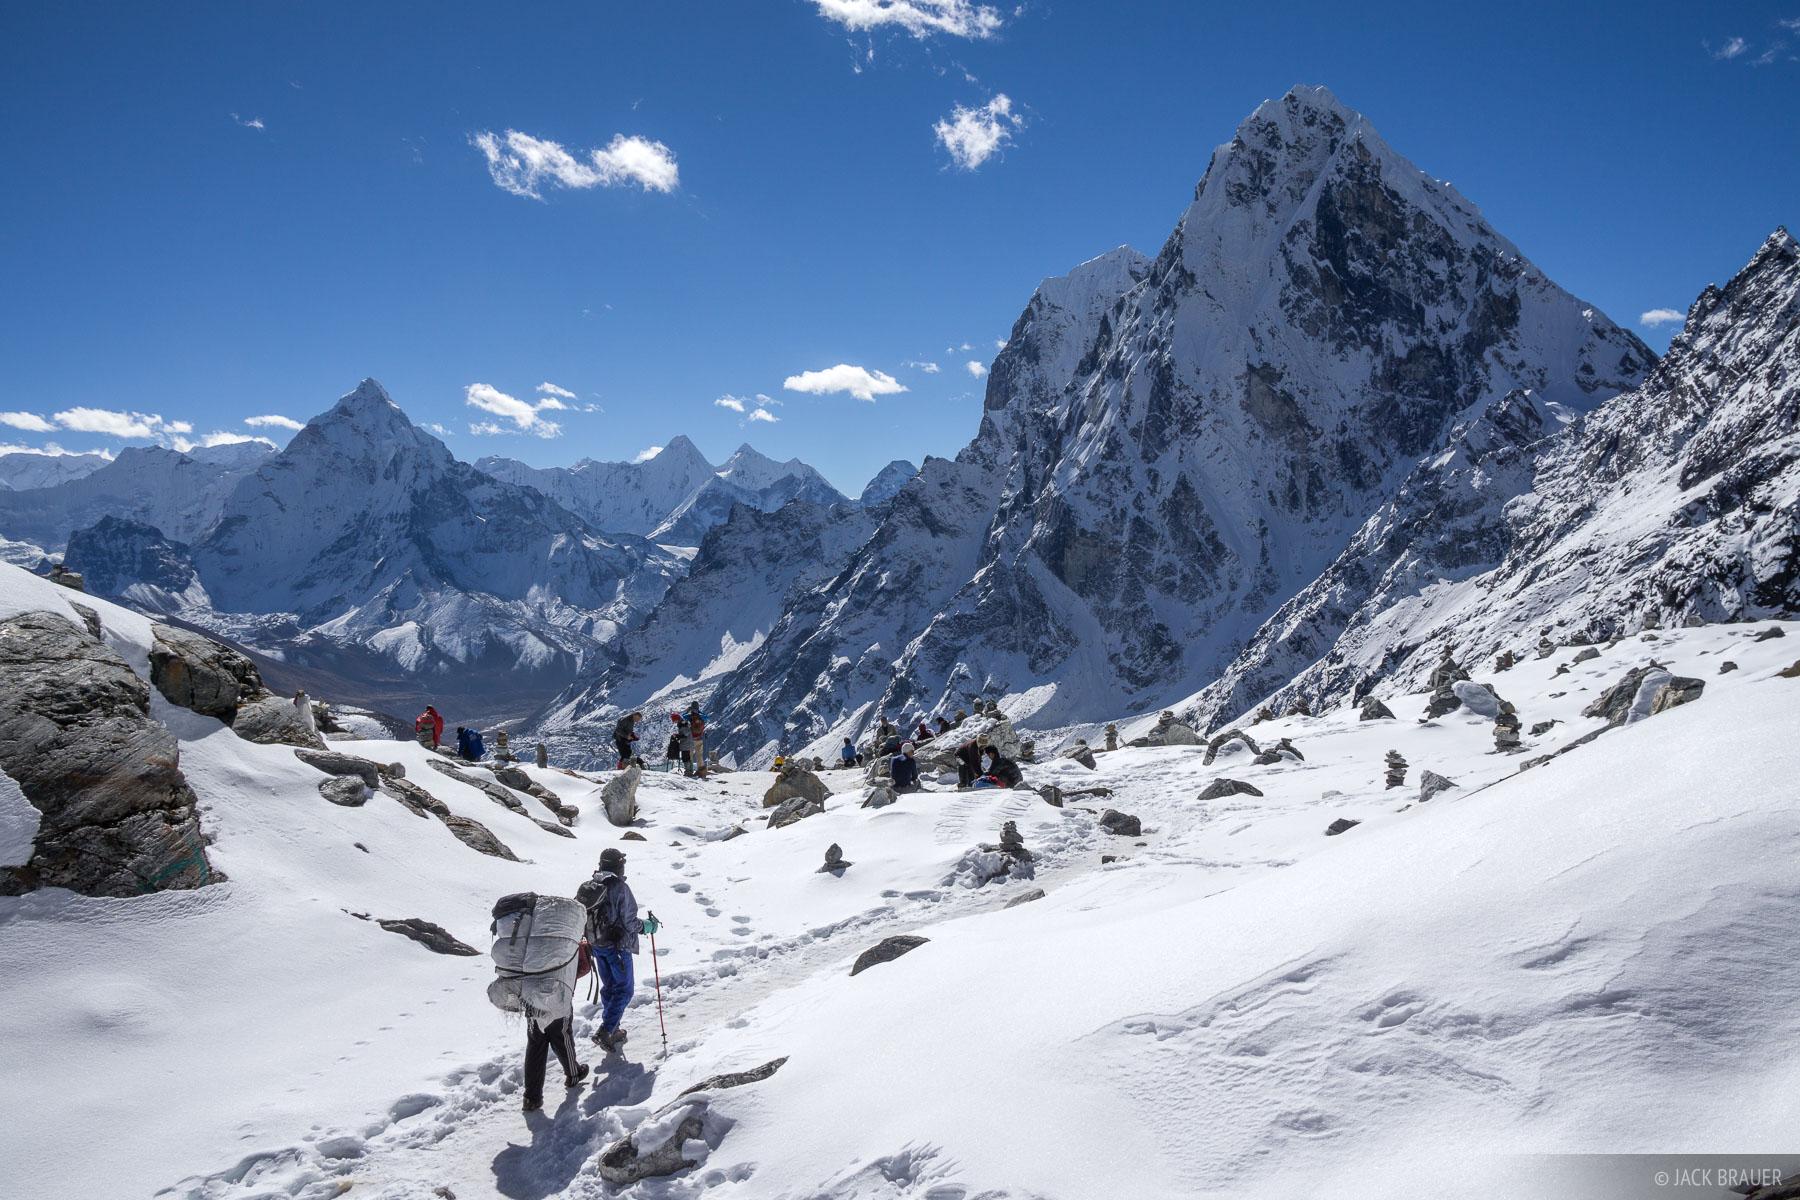 Ama Dablam,Asia,Cho La Pass,Cholatse,Himalaya,Khumbu,Nepal, hiking, photo